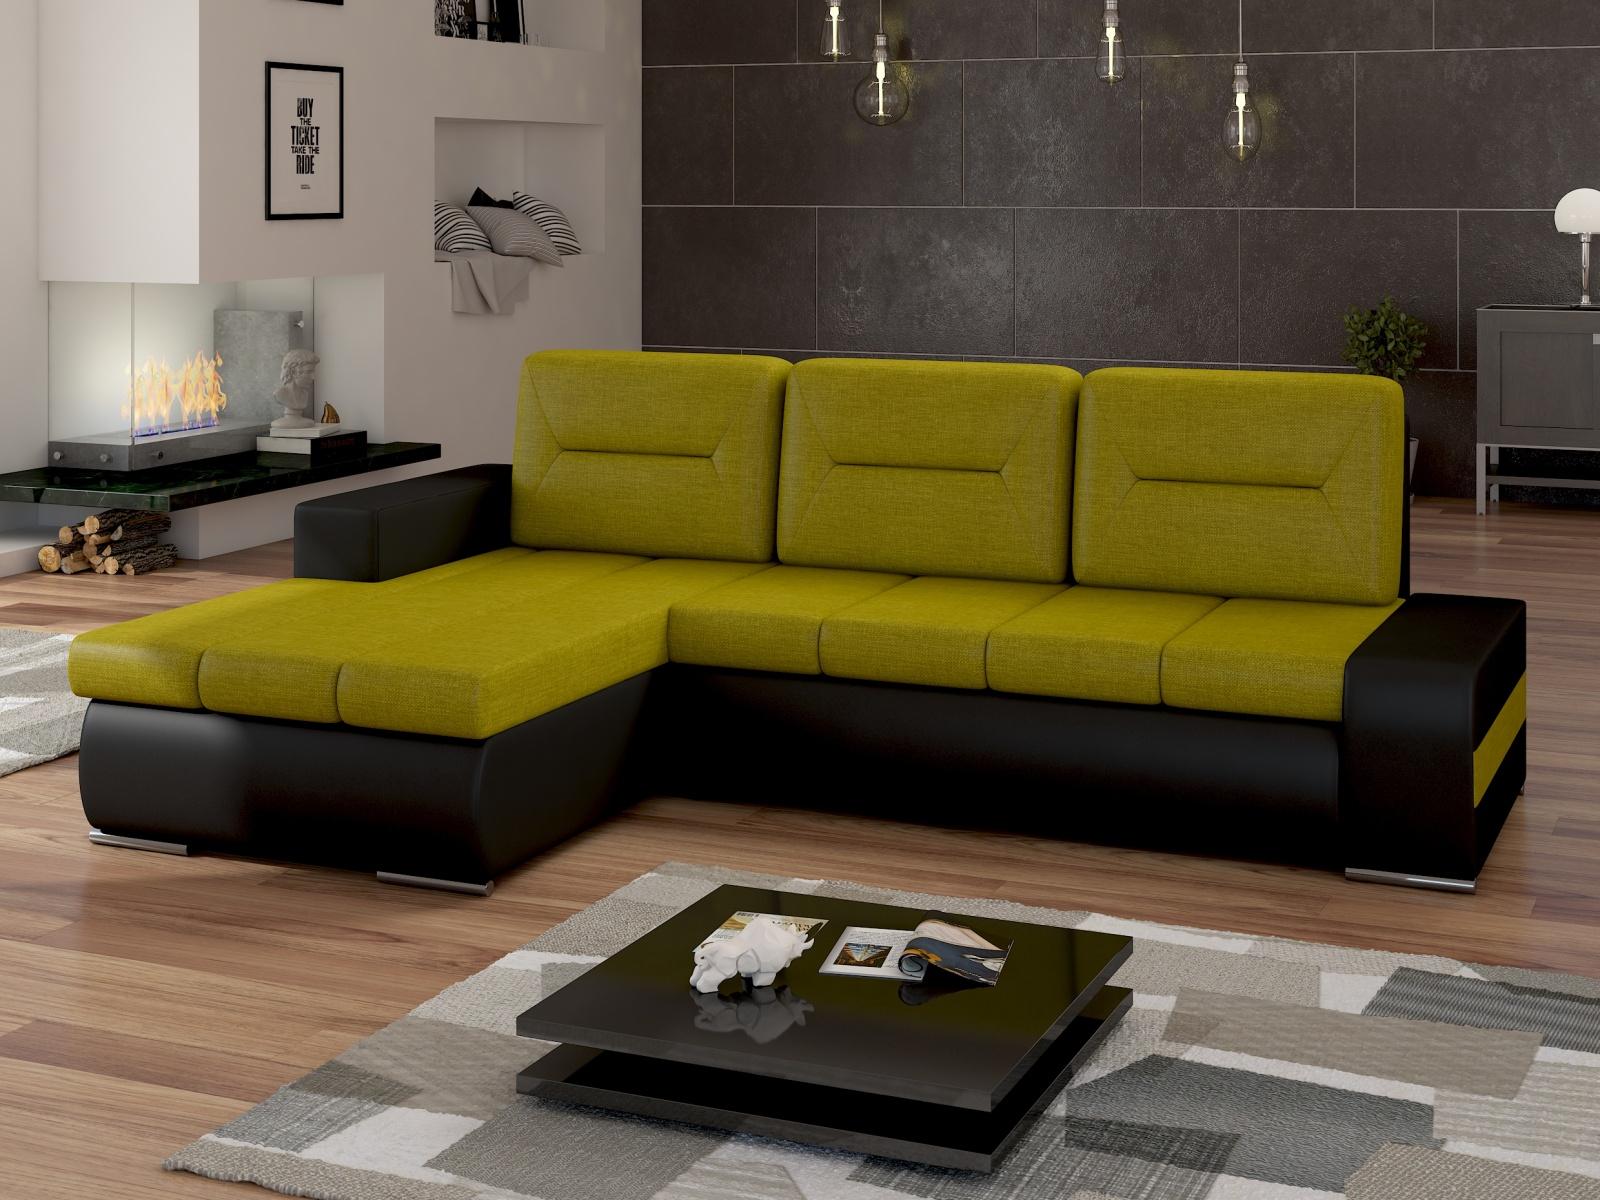 ELTAP Rohová sedačka OTTAVIO Ov04 levá, zelená látka/černá ekokůže